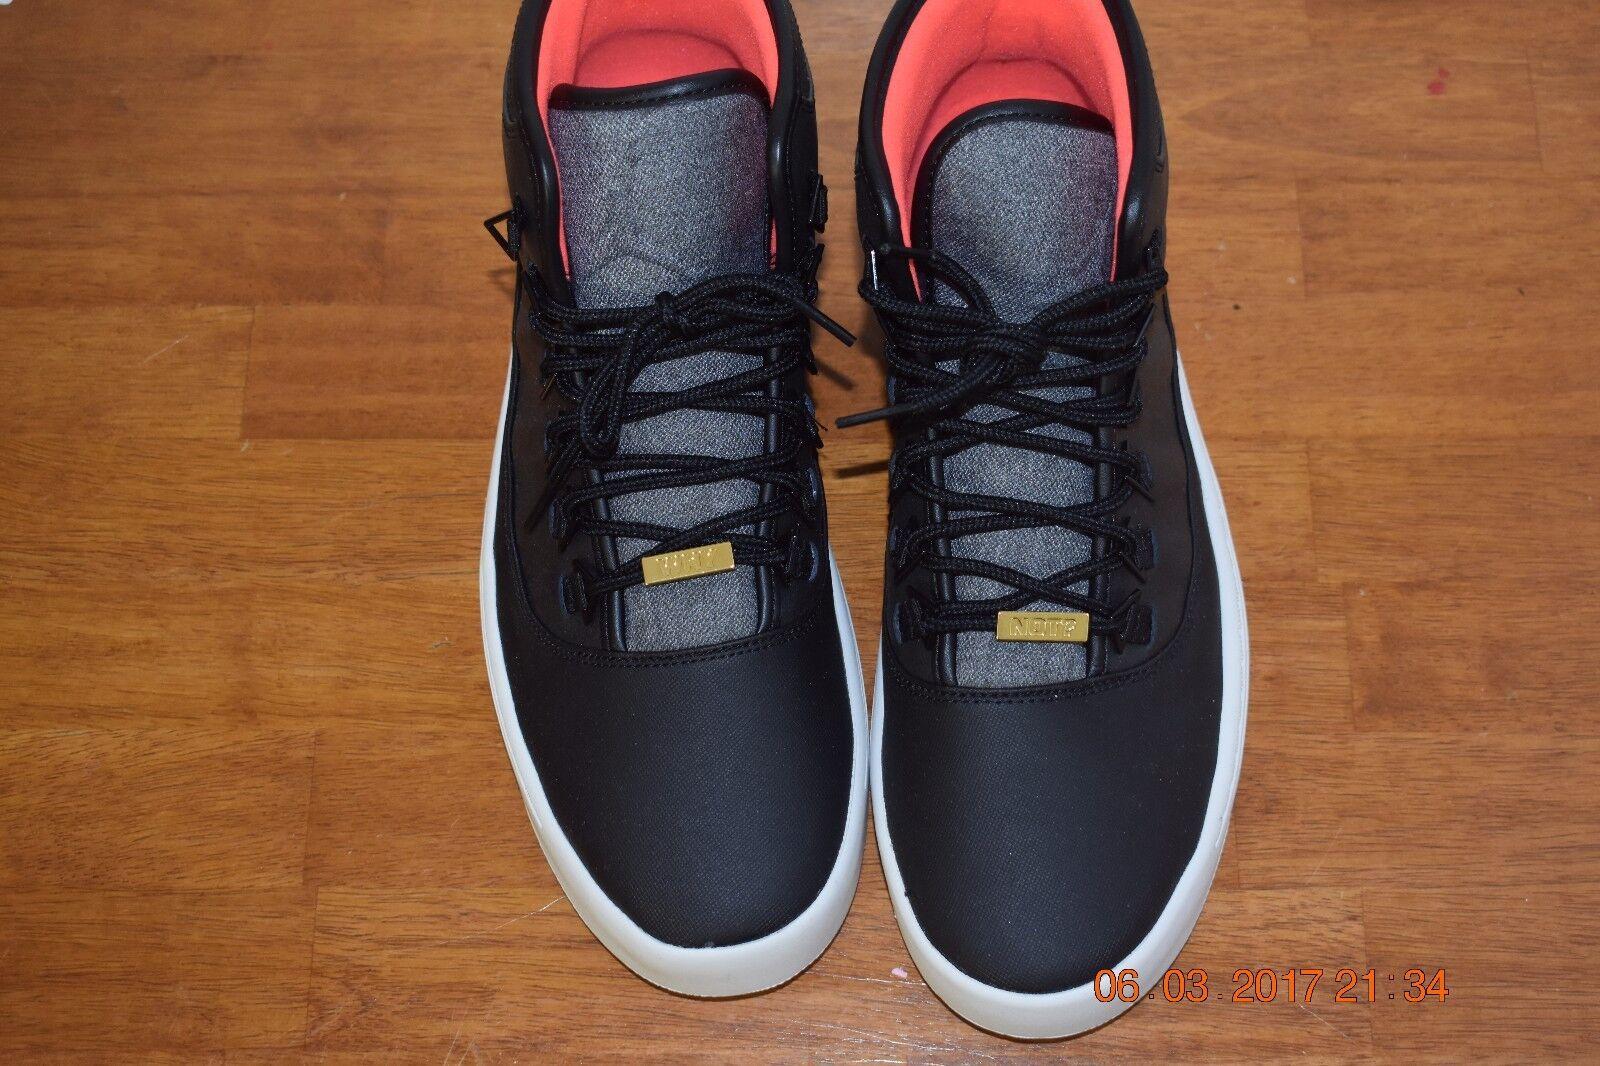 Nike Jordan Westbrook o luz vacaciones Negro Infrared 23 luz o de hueso. bcfc96